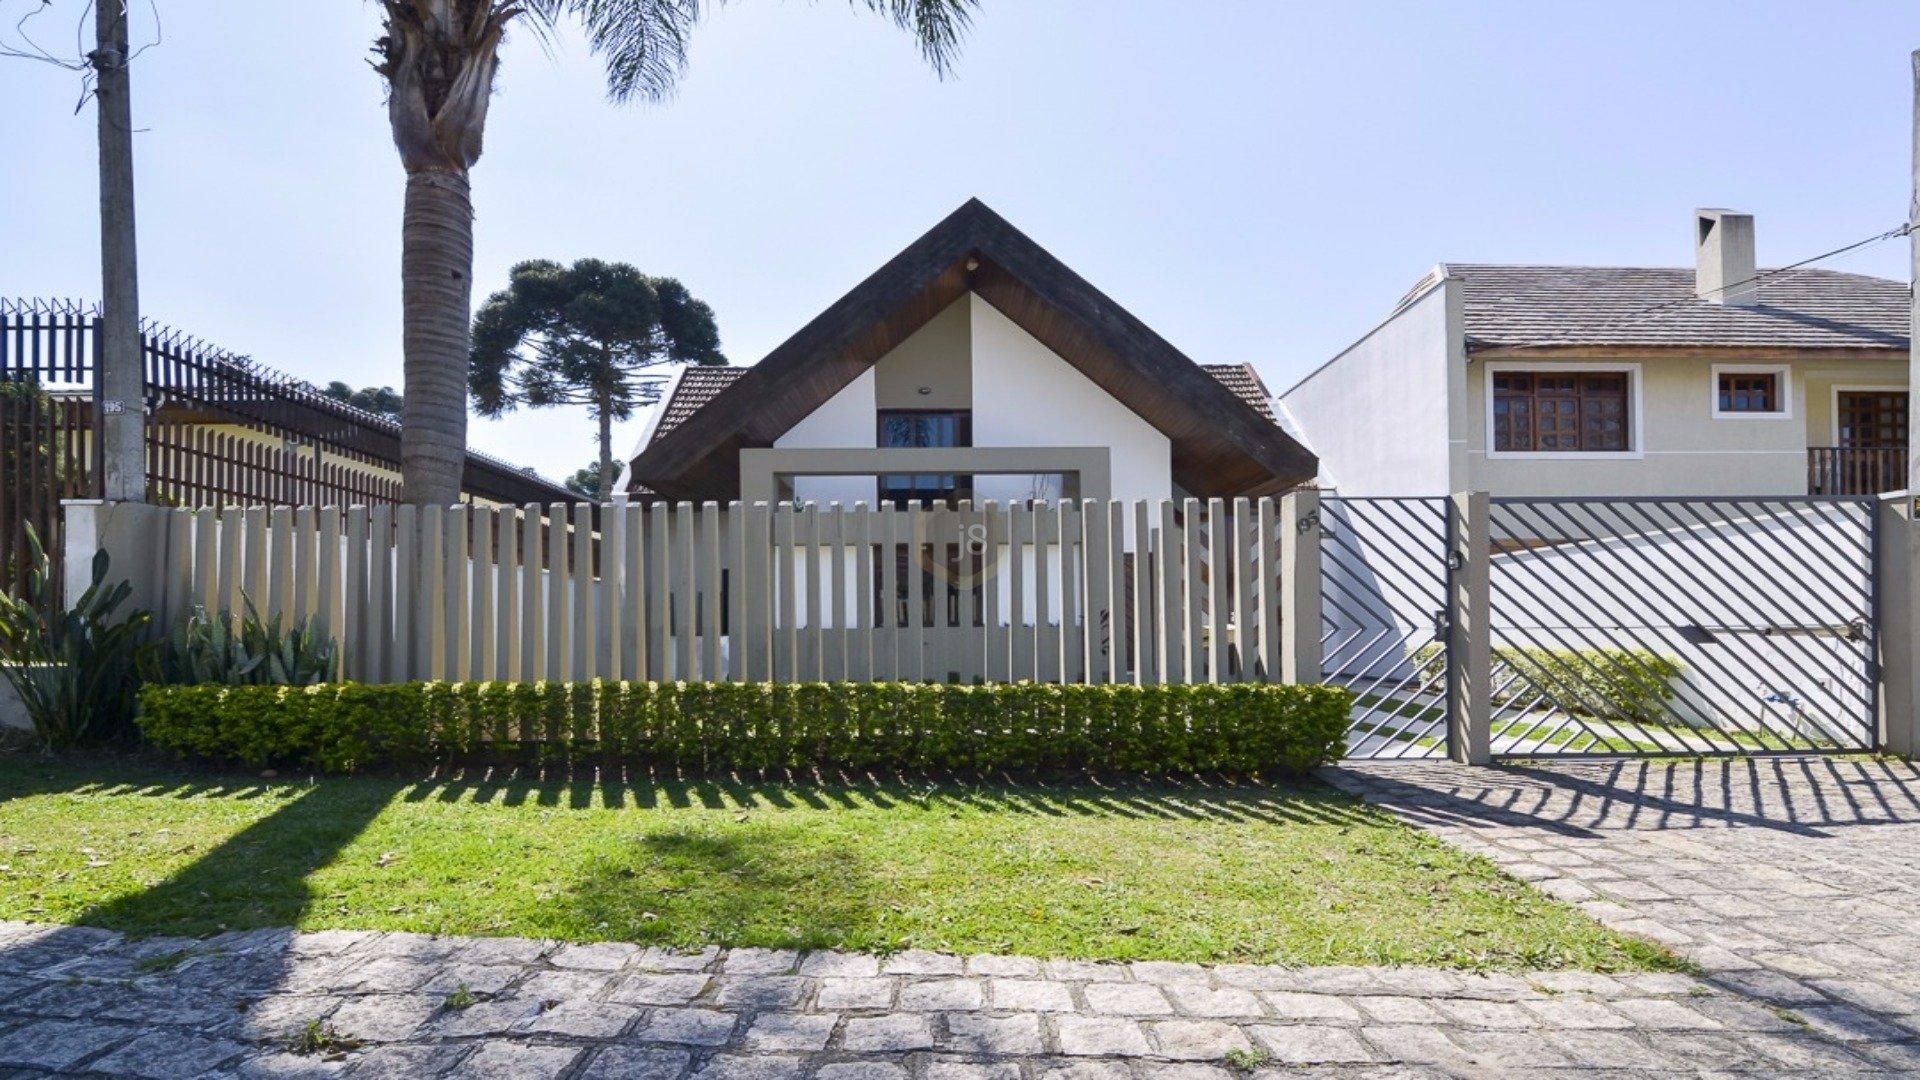 Foto de destaque Casa com piscina e jardim